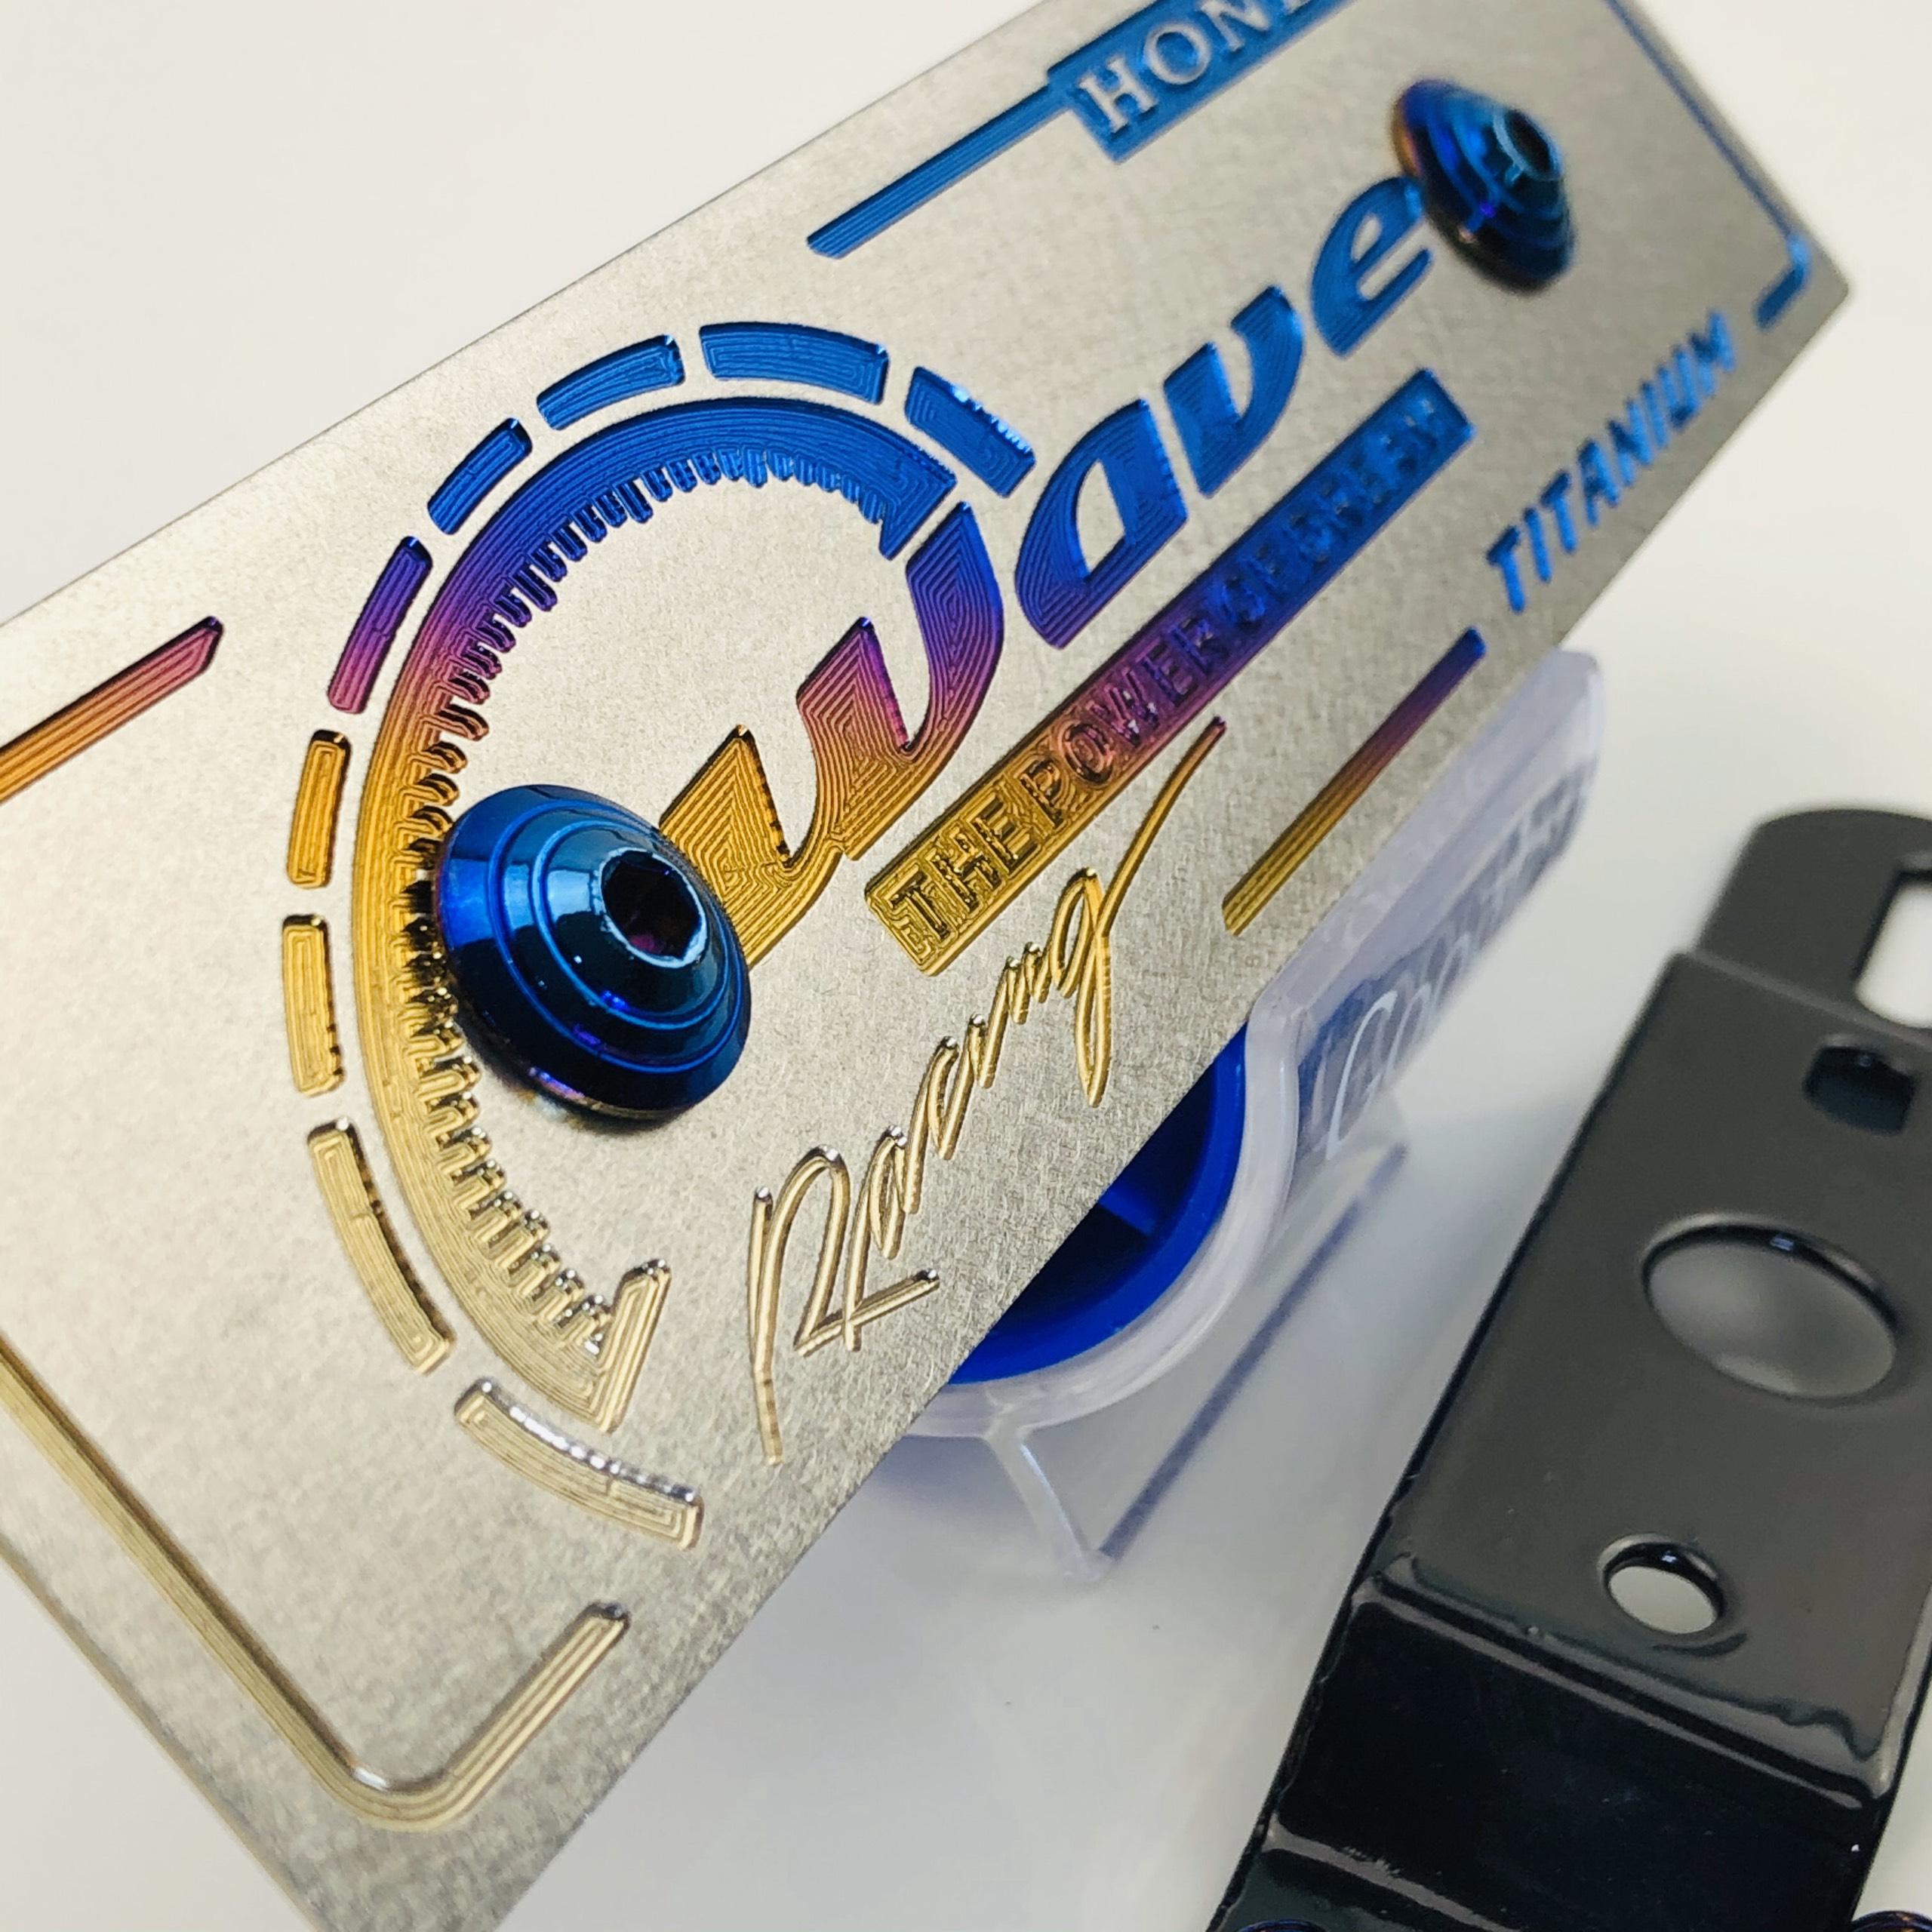 Wave - Bảng tên titan 100% gắn cho các dòng xe wave dòng cao cấp tặng kèm pát gắn bảng tên và ốc titan gắn bảng tên mẫu mới nhất